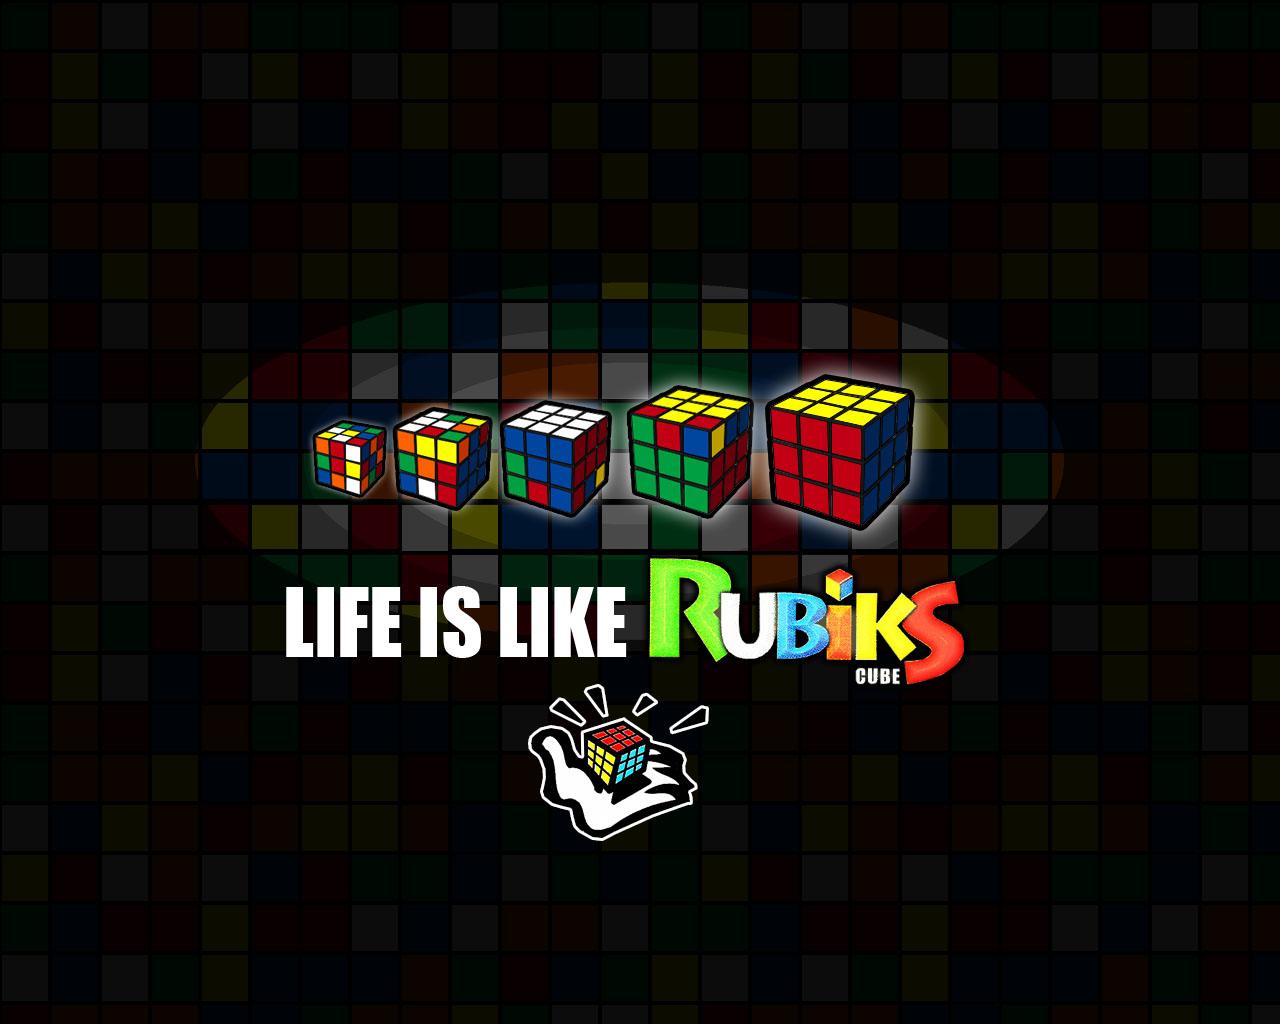 rubik_1.jpg